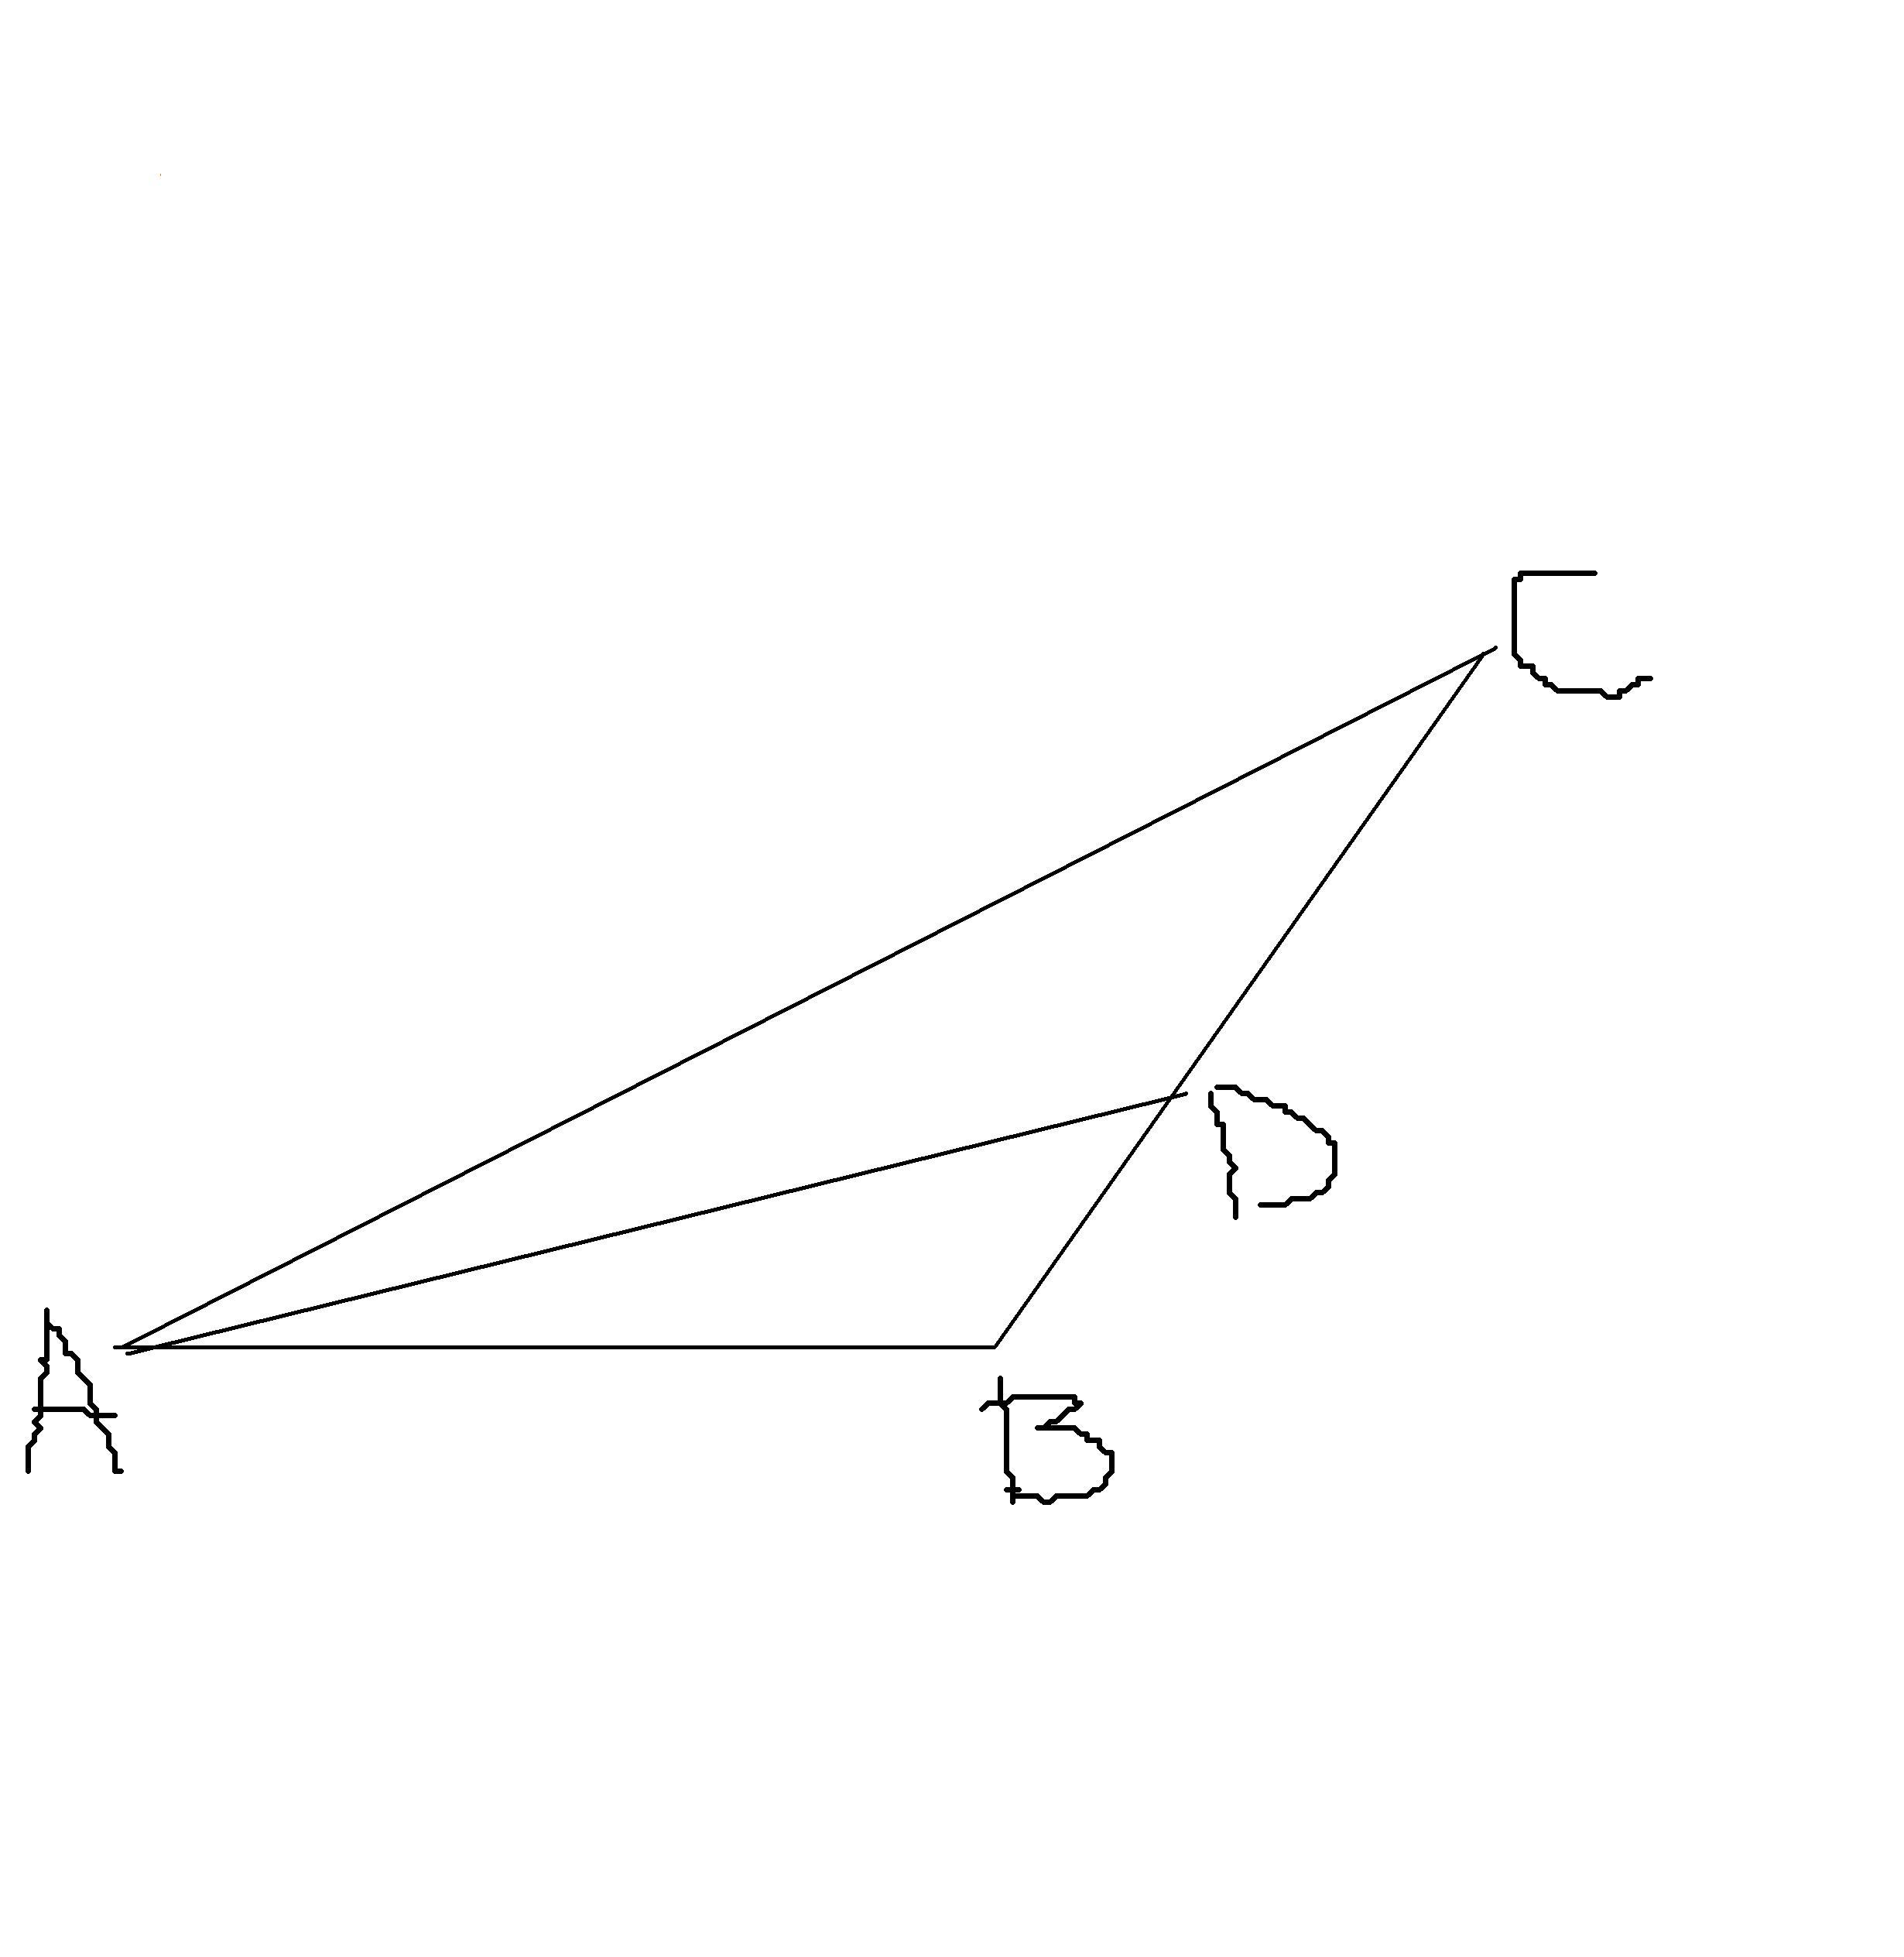 В треугольнике АВС АD - биссектриса,угол С равен 30 градусов,угол ВАD РАВЕН 22 ГРАДУСА. Найдите угол АDB